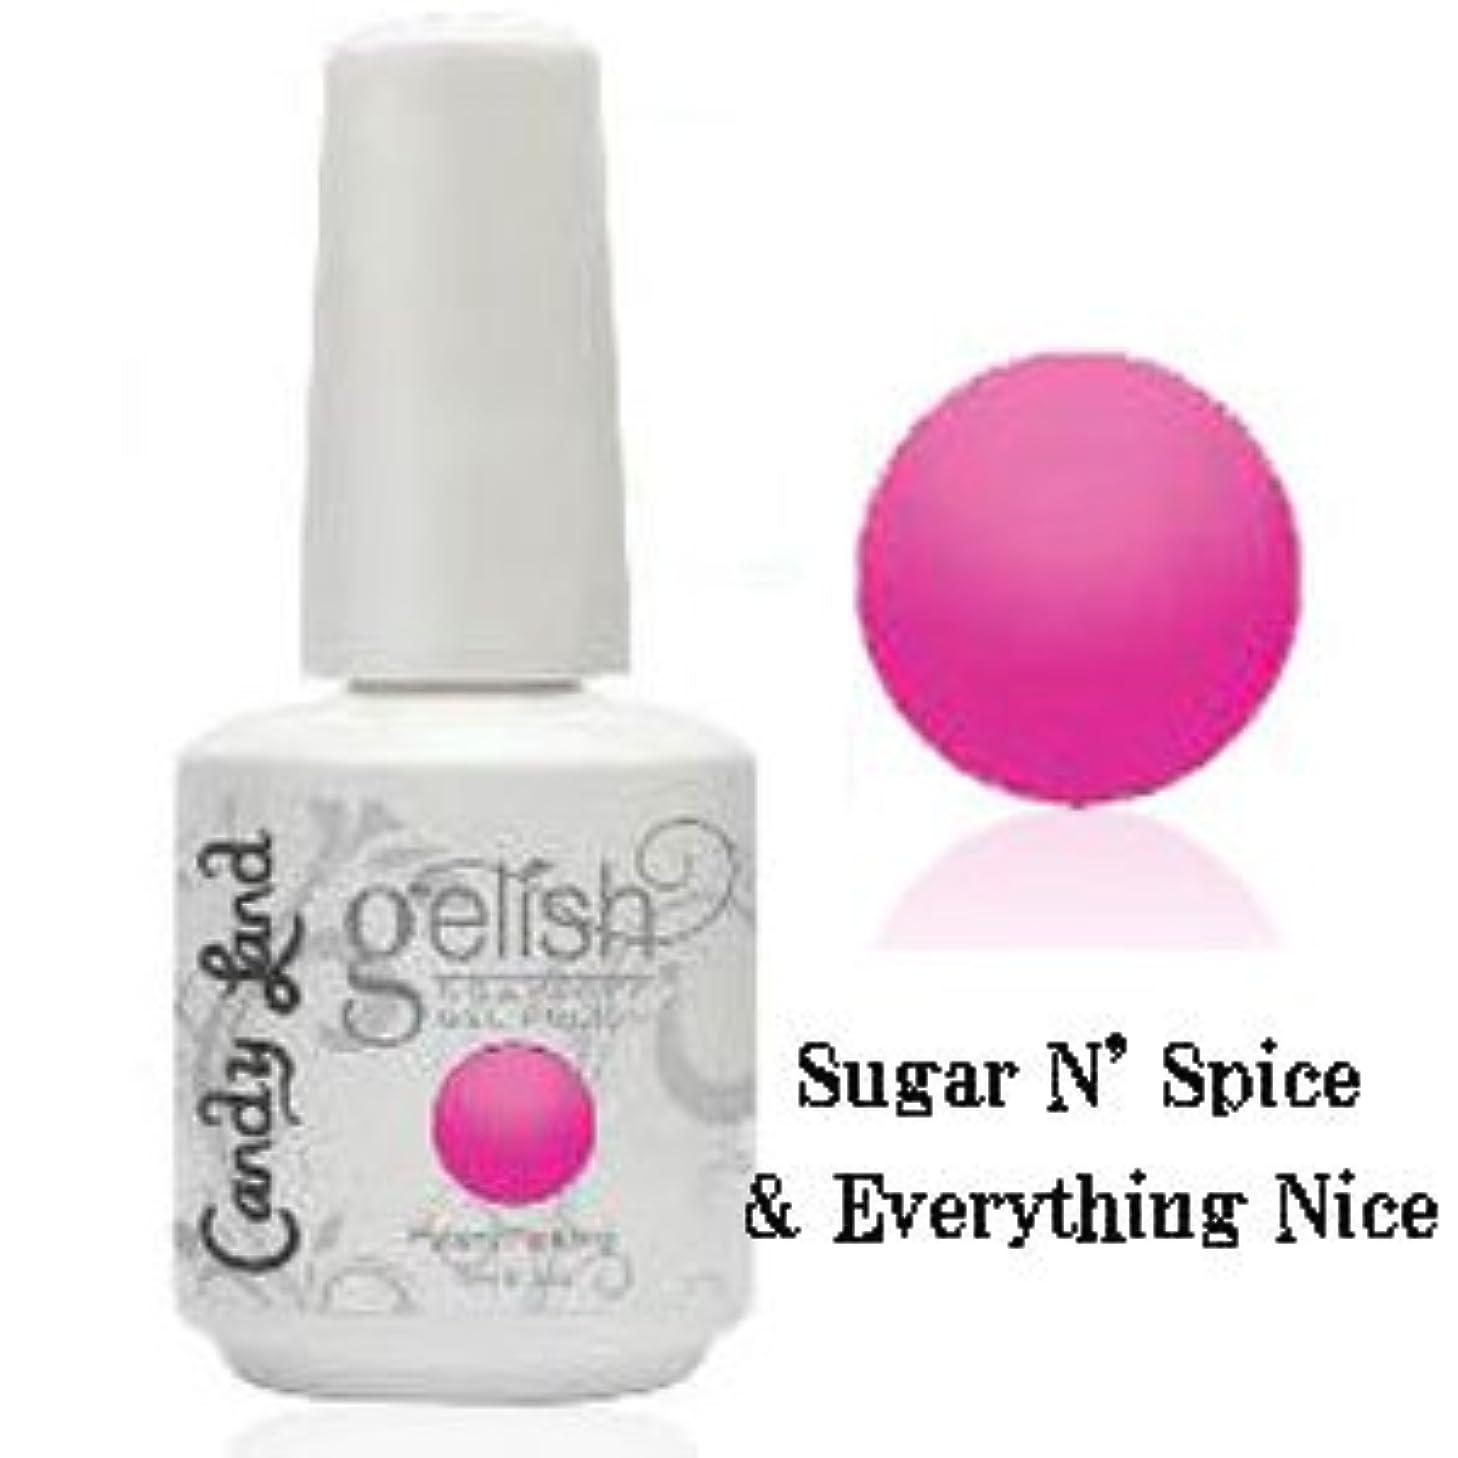 快いアストロラーベスプリットHarmony gelishソークオフジェル-Sugar N' Spice & Everything Nice-キャンディーランドコレクション 15ml [海外直送品][並行輸入品]